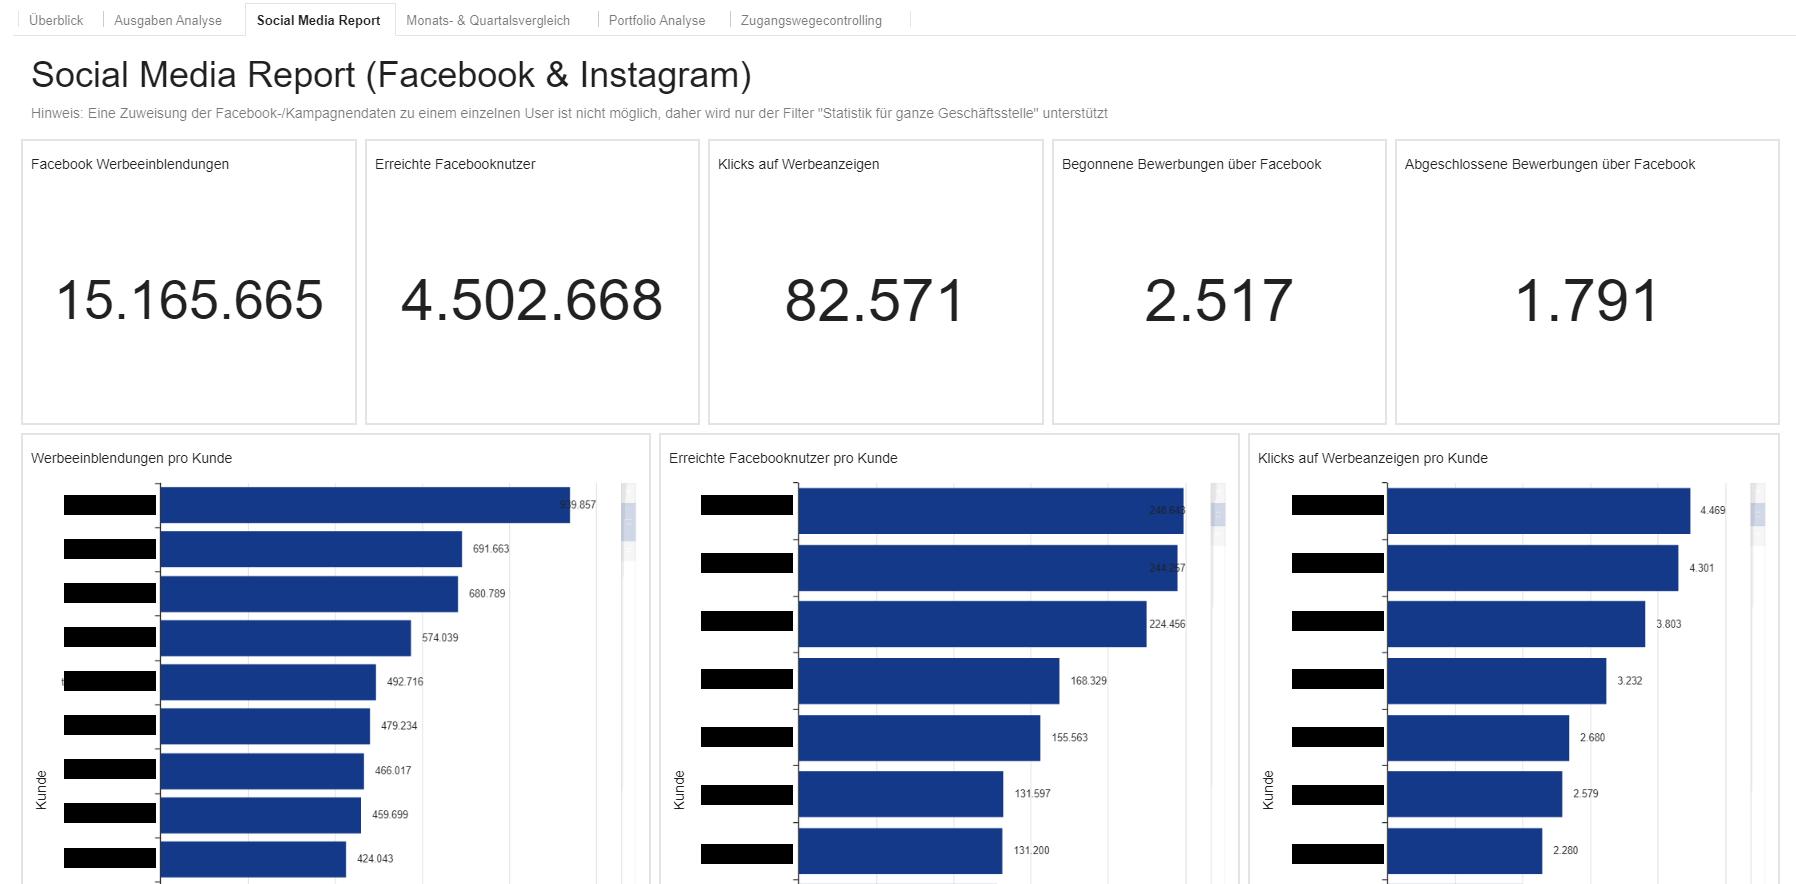 Social Media Report (Facebook & Instagram)